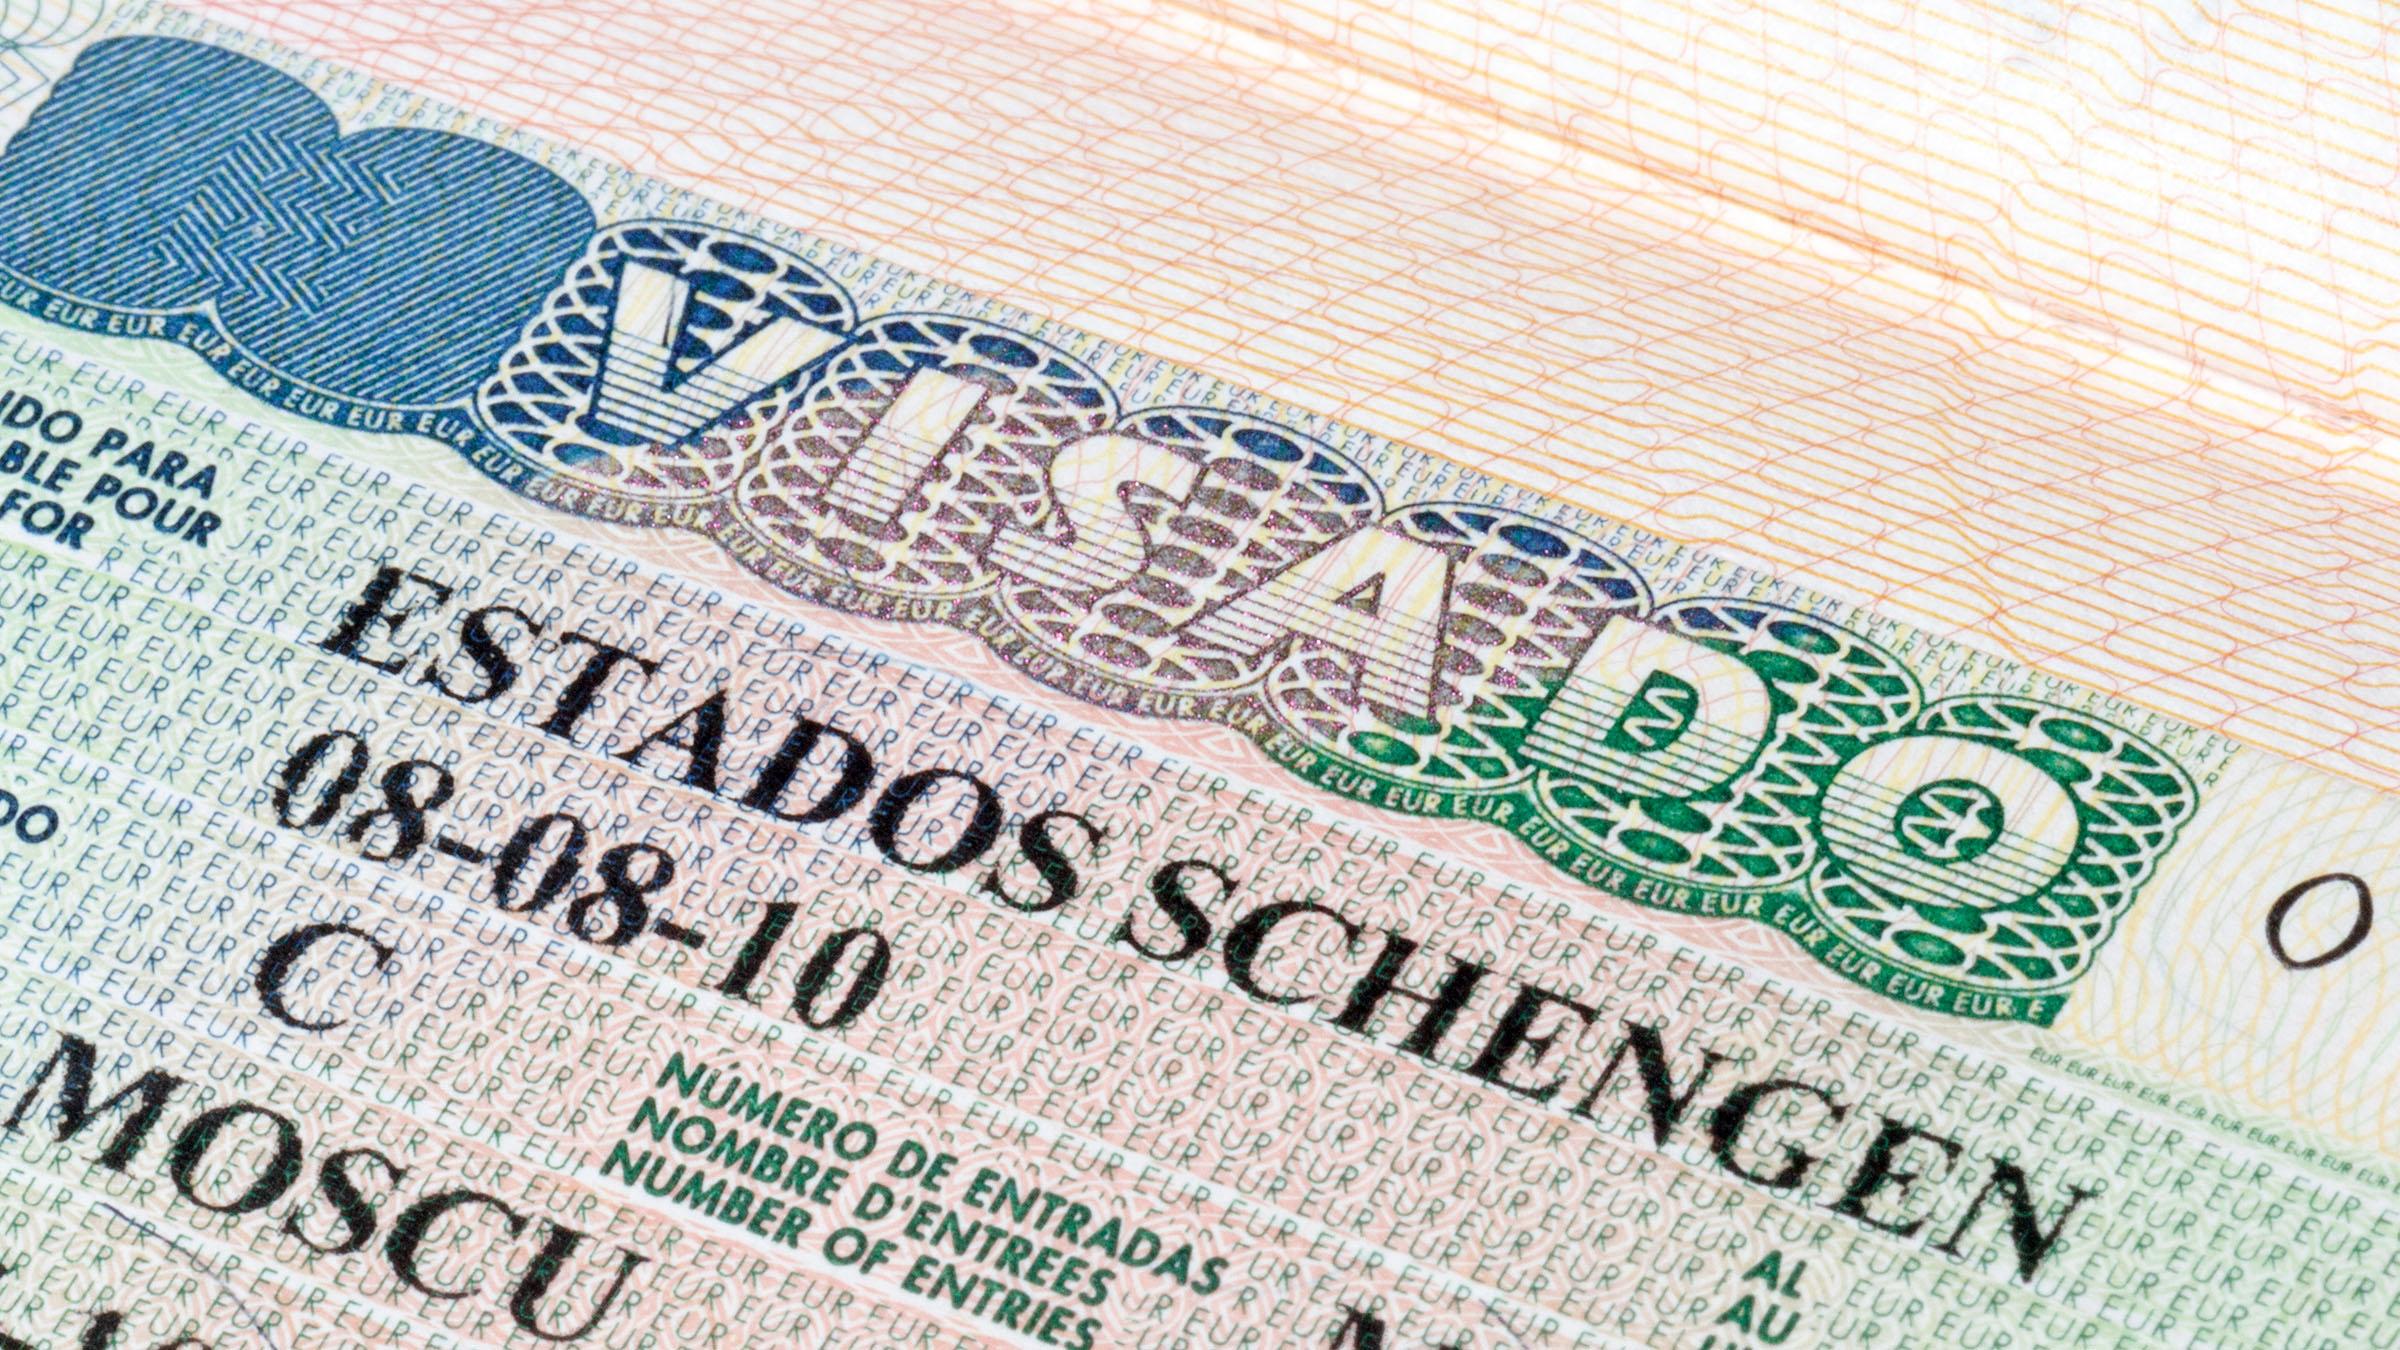 Me negaron la visa a Europa o visado Schengen ¿Qué puedo hacer?